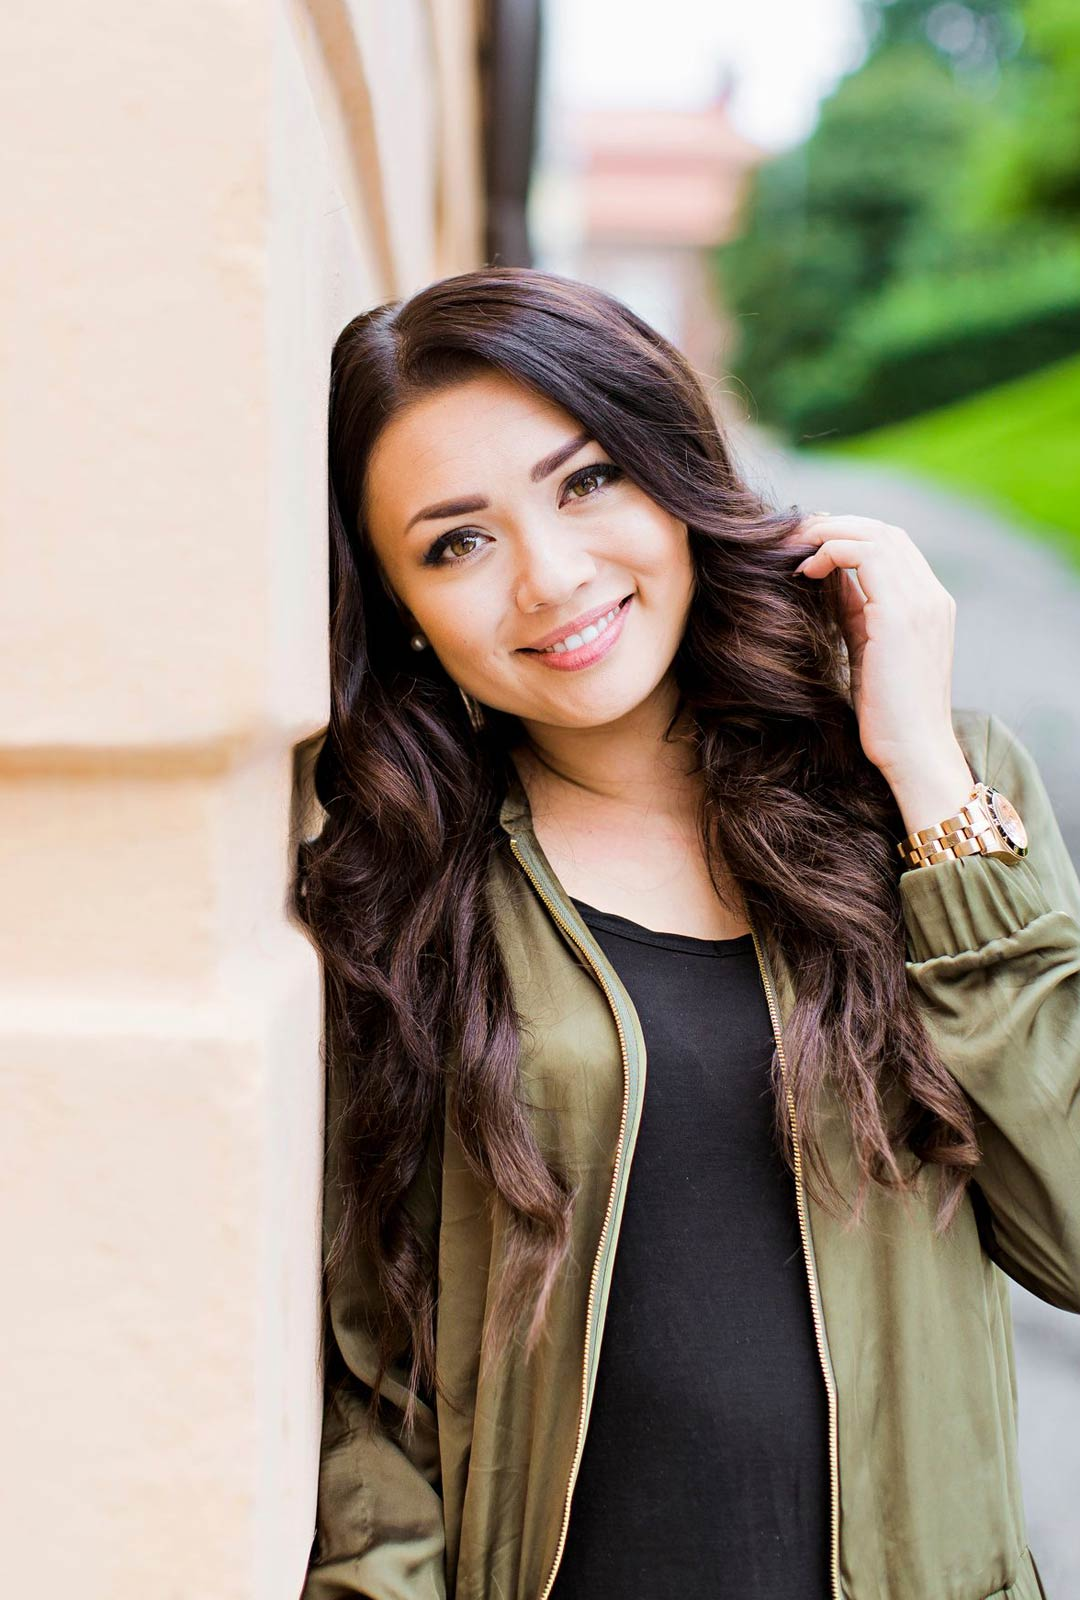 Ex-missi, radiojuontaja Shirly Karvinen palasi radiostudioon tehtyään kotona töitä.